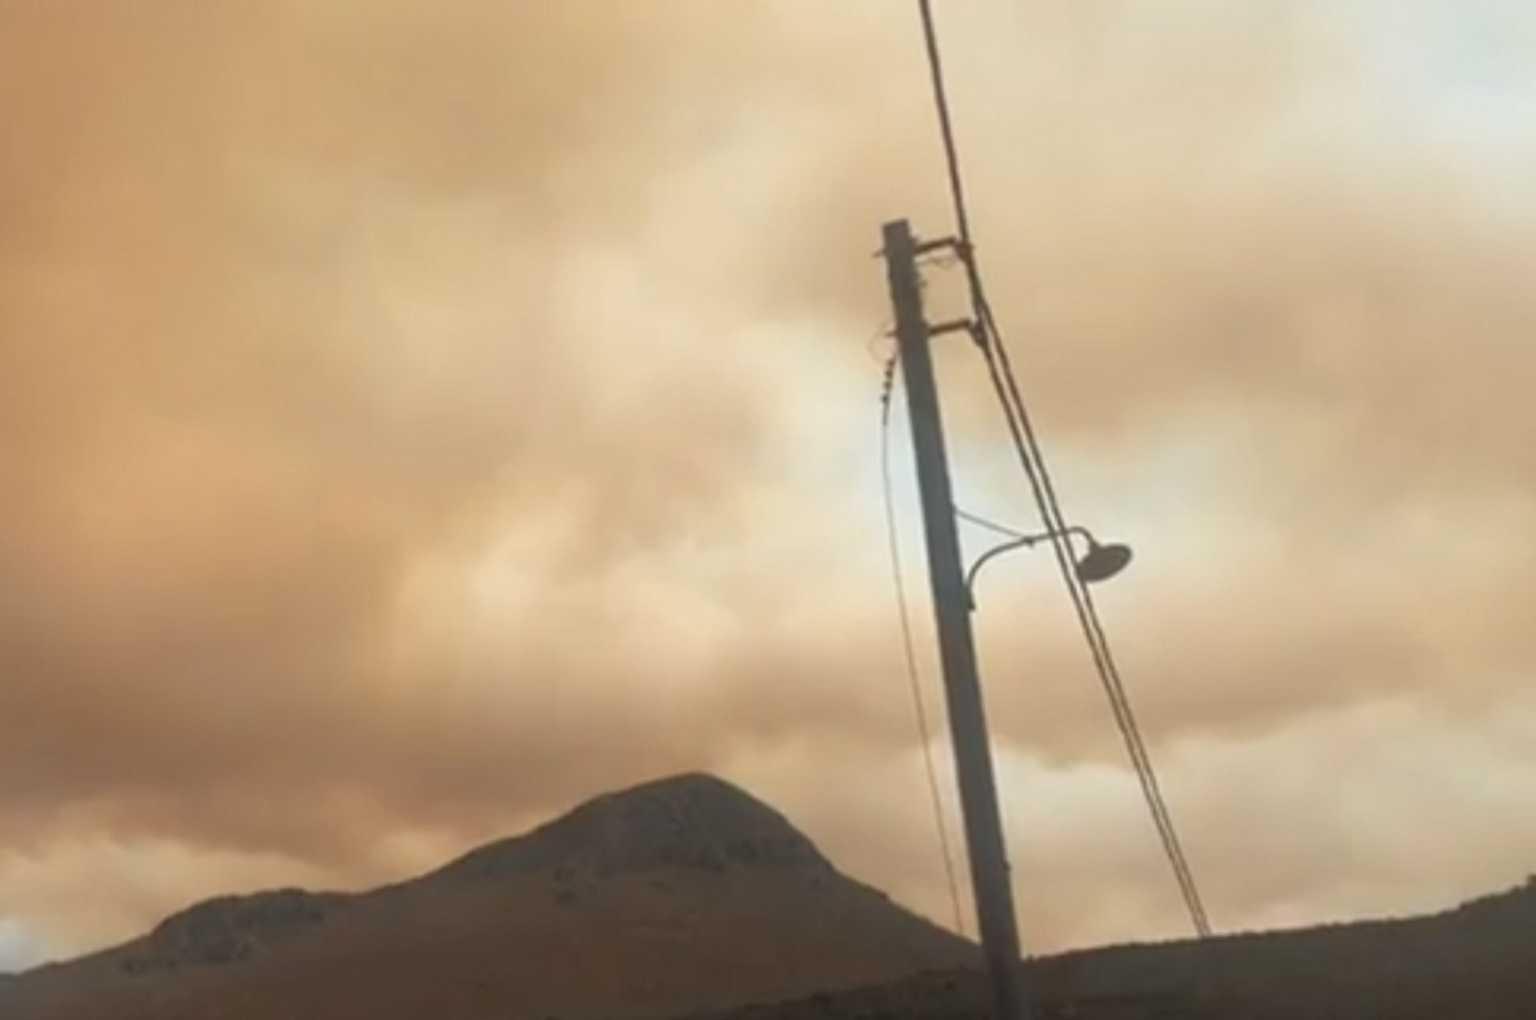 Λακωνία: Εκκενώνονται οικισμοί για τη μεγάλη δασική φωτιά!